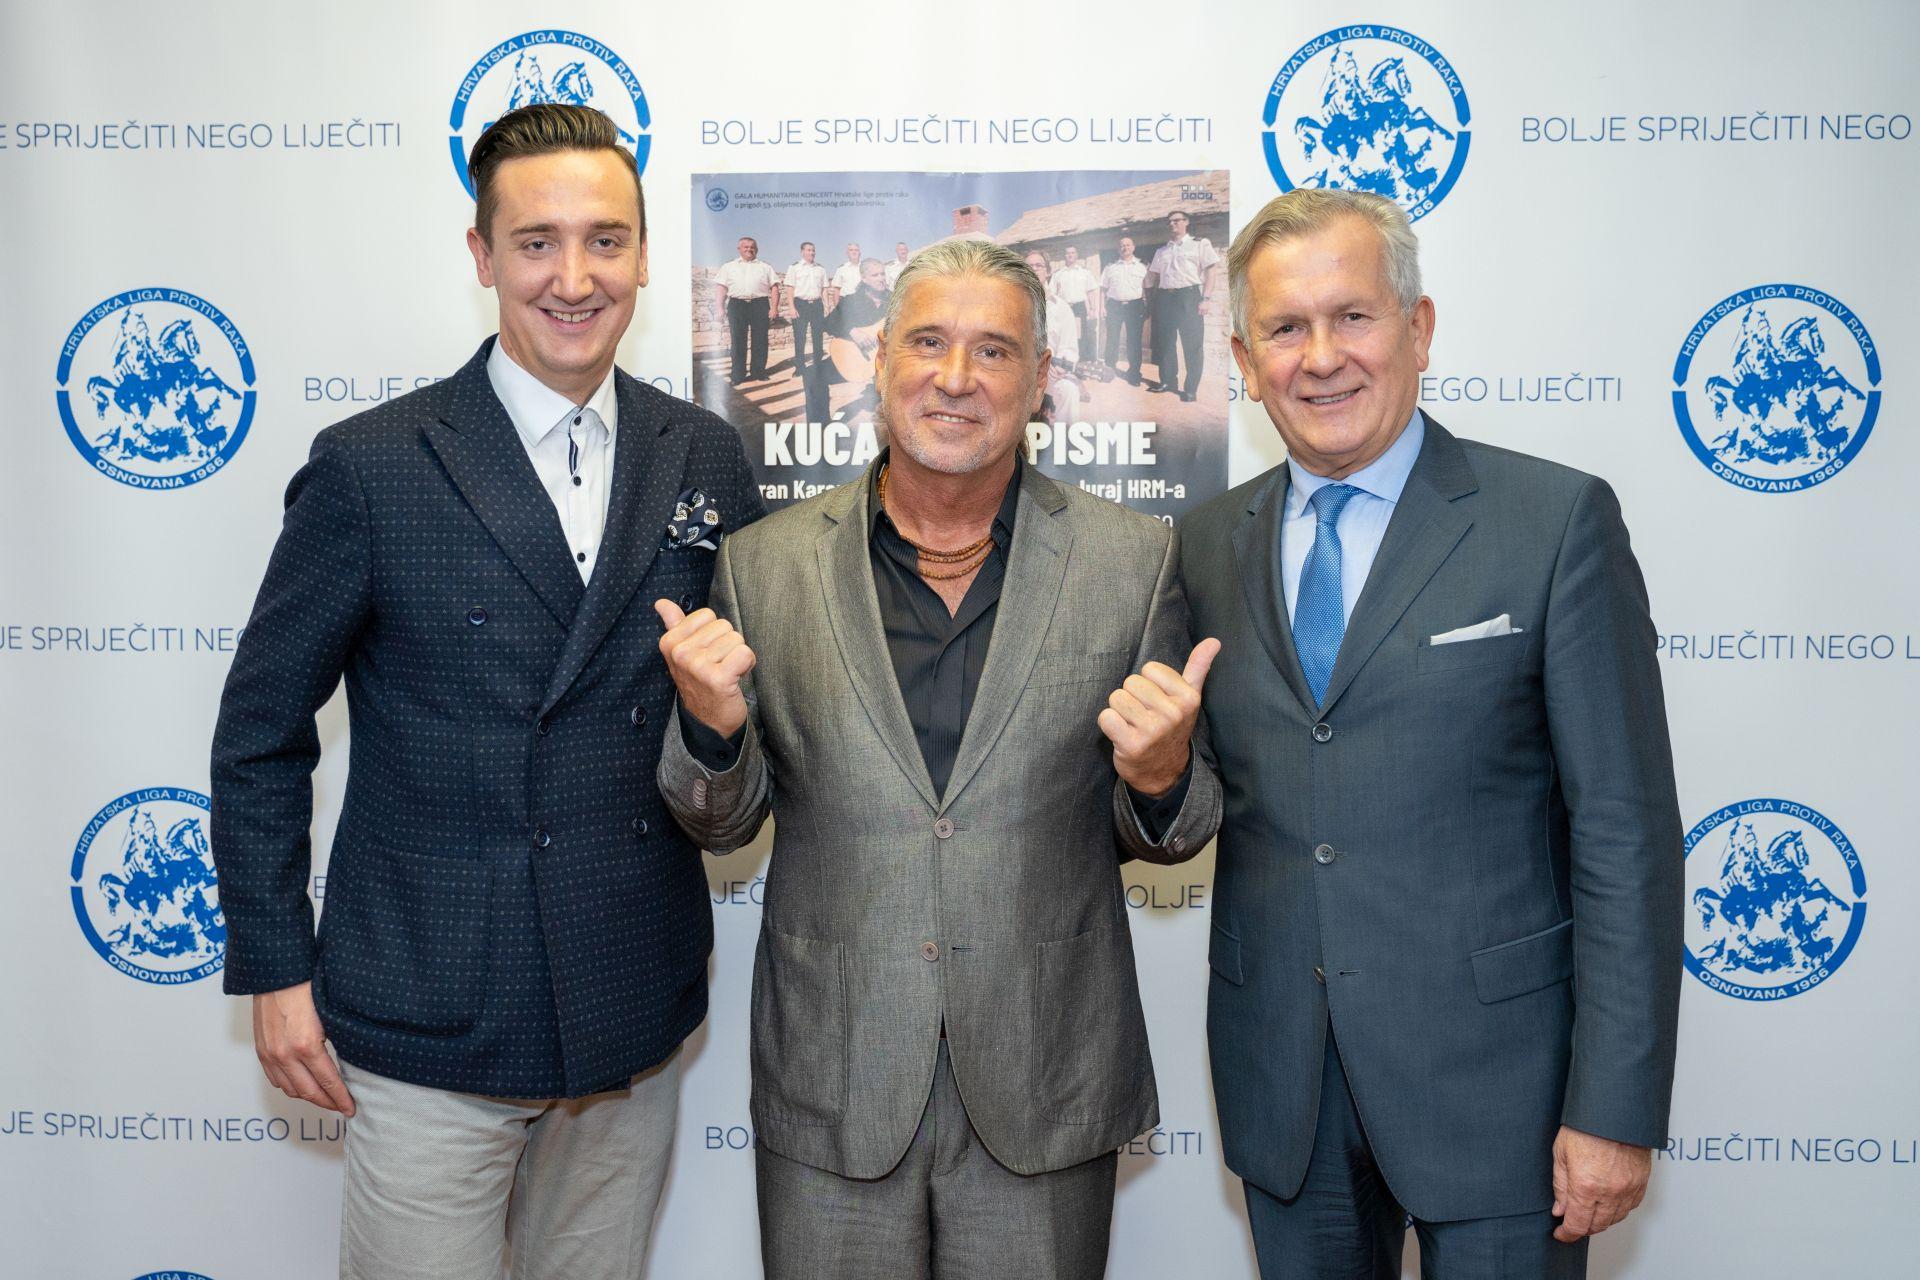 Vidimo se u Lisinskom, poručili su doc. dr. sc. Tomislav Madžar, Goran Karan i predsjednik Hrvatske lige protiv raka prof. dr. sc. Damir Eljuga.